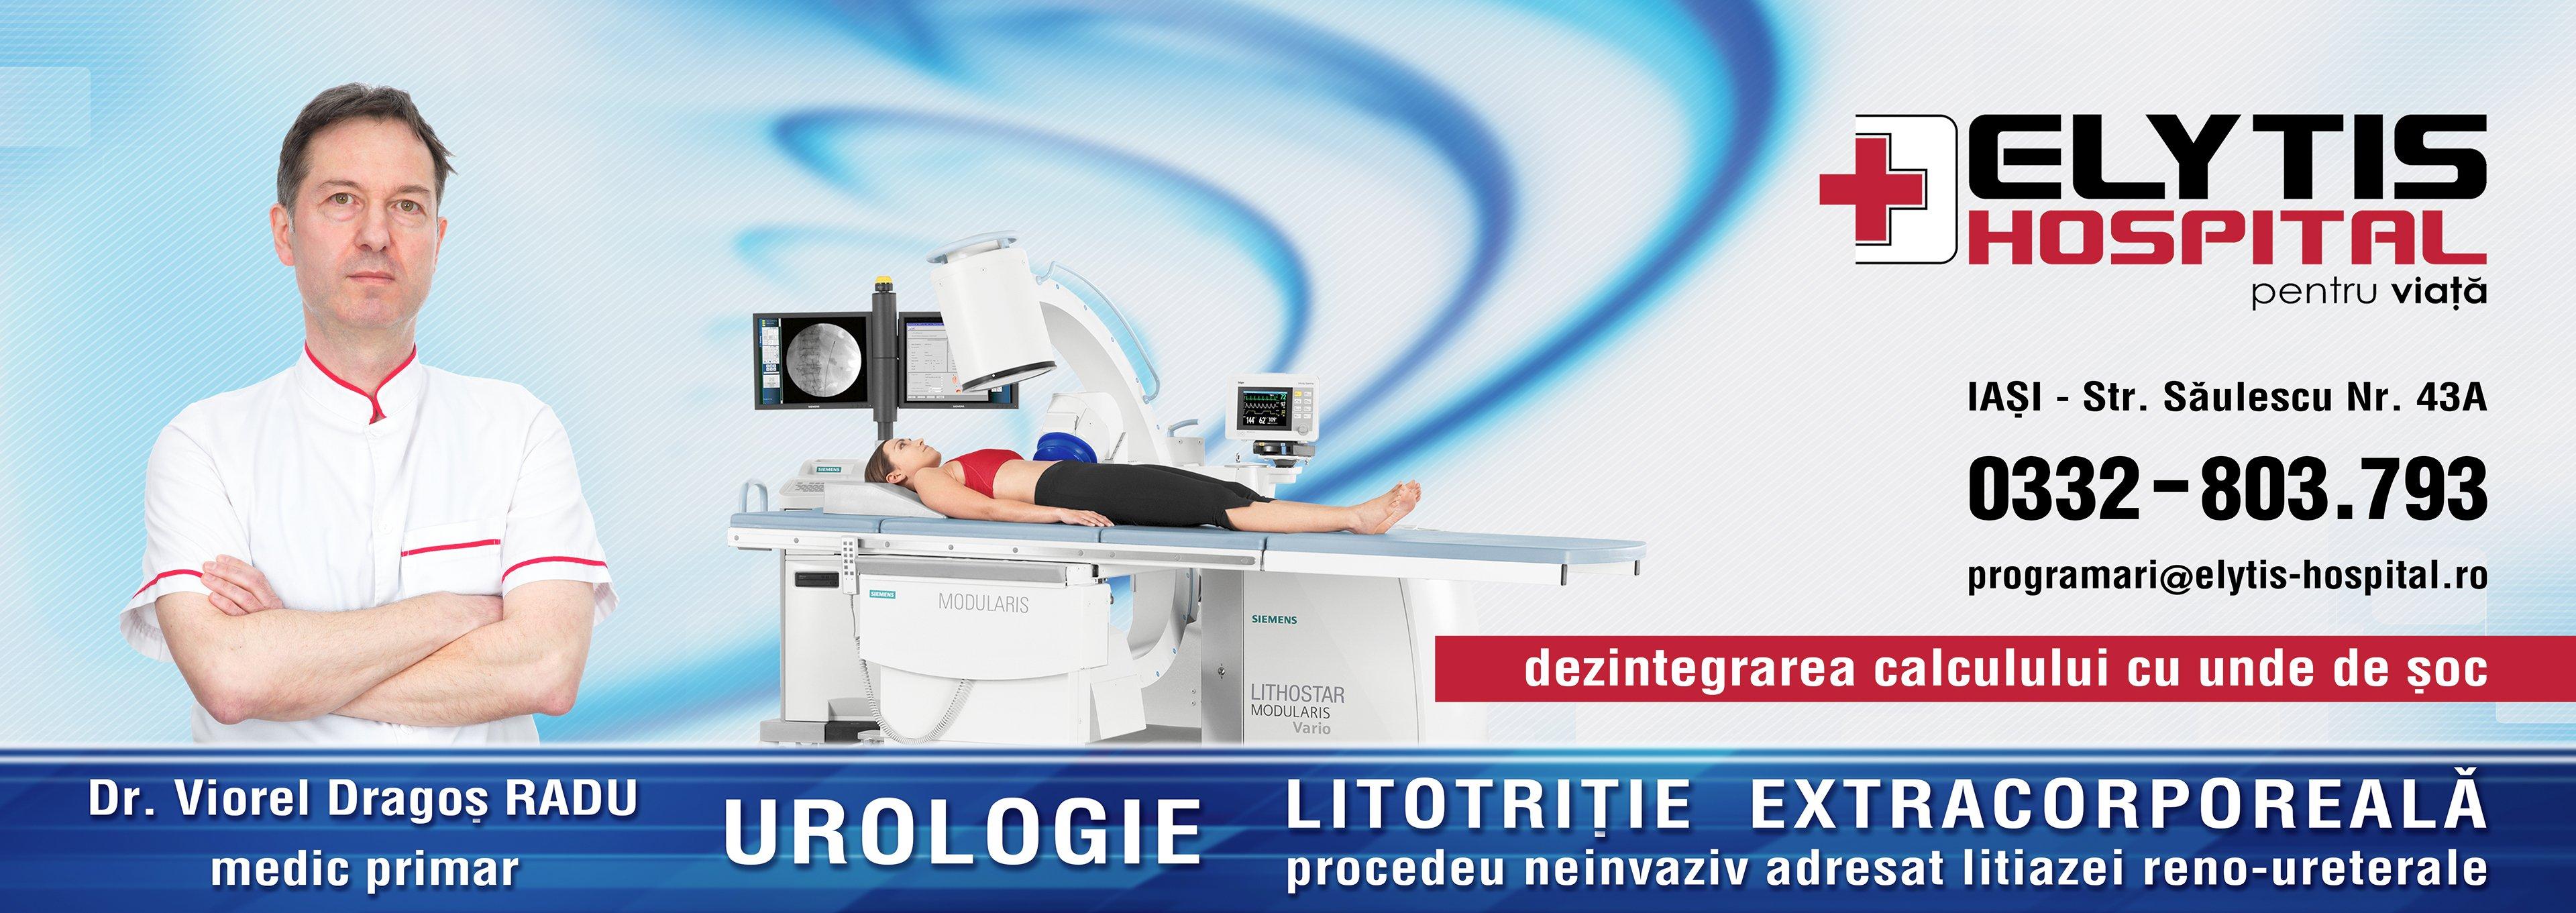 Litotritie-extracorporeala-www-04.05